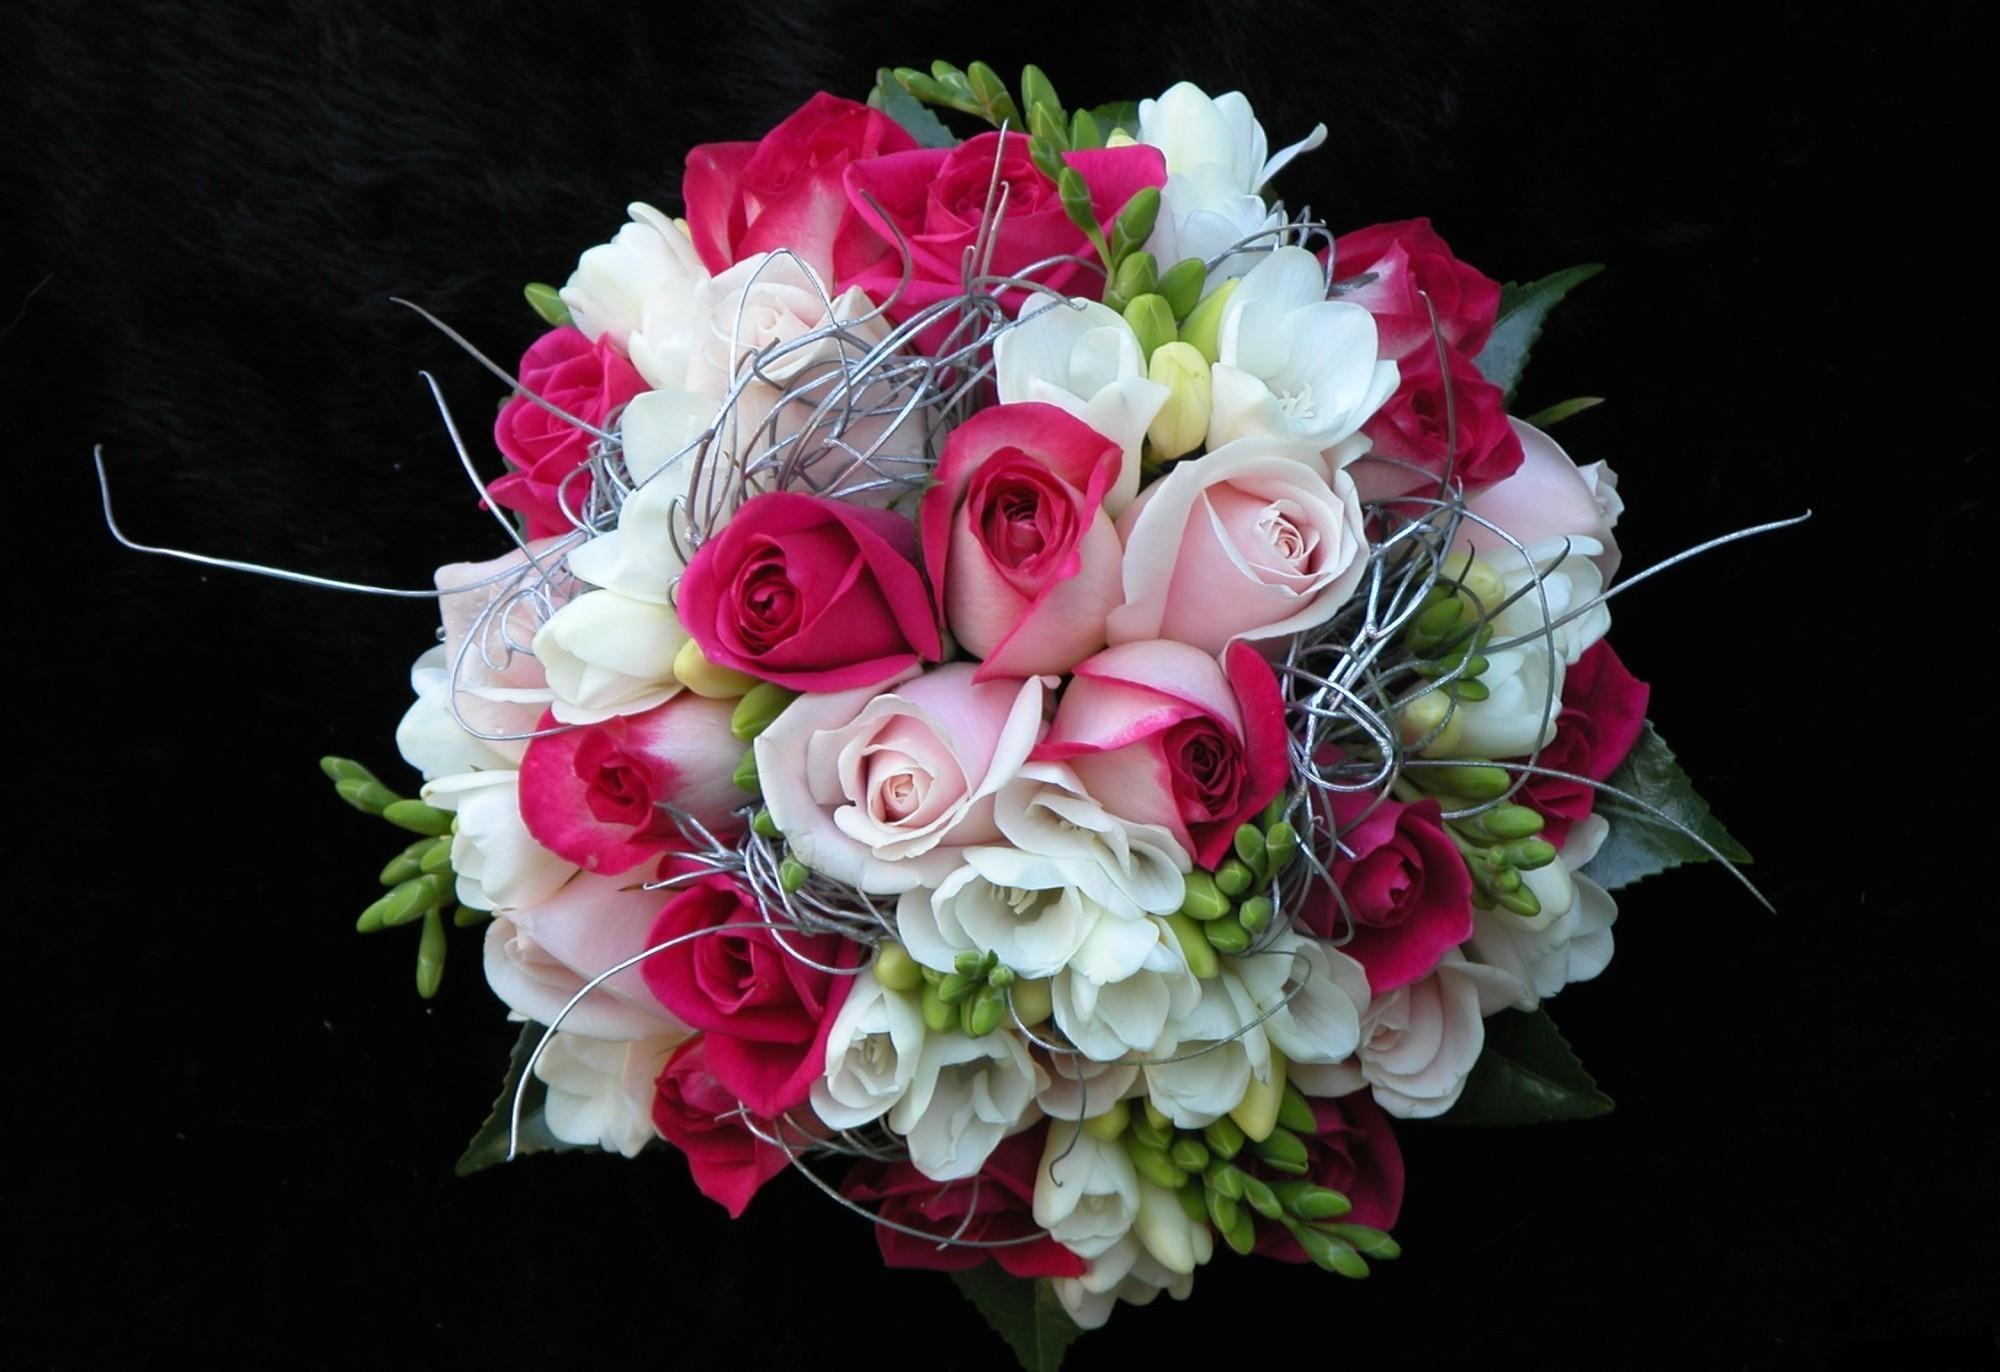 154891 скачать обои Цветы, Розы, Оформление, Букет, Красота, Черный Фон - заставки и картинки бесплатно